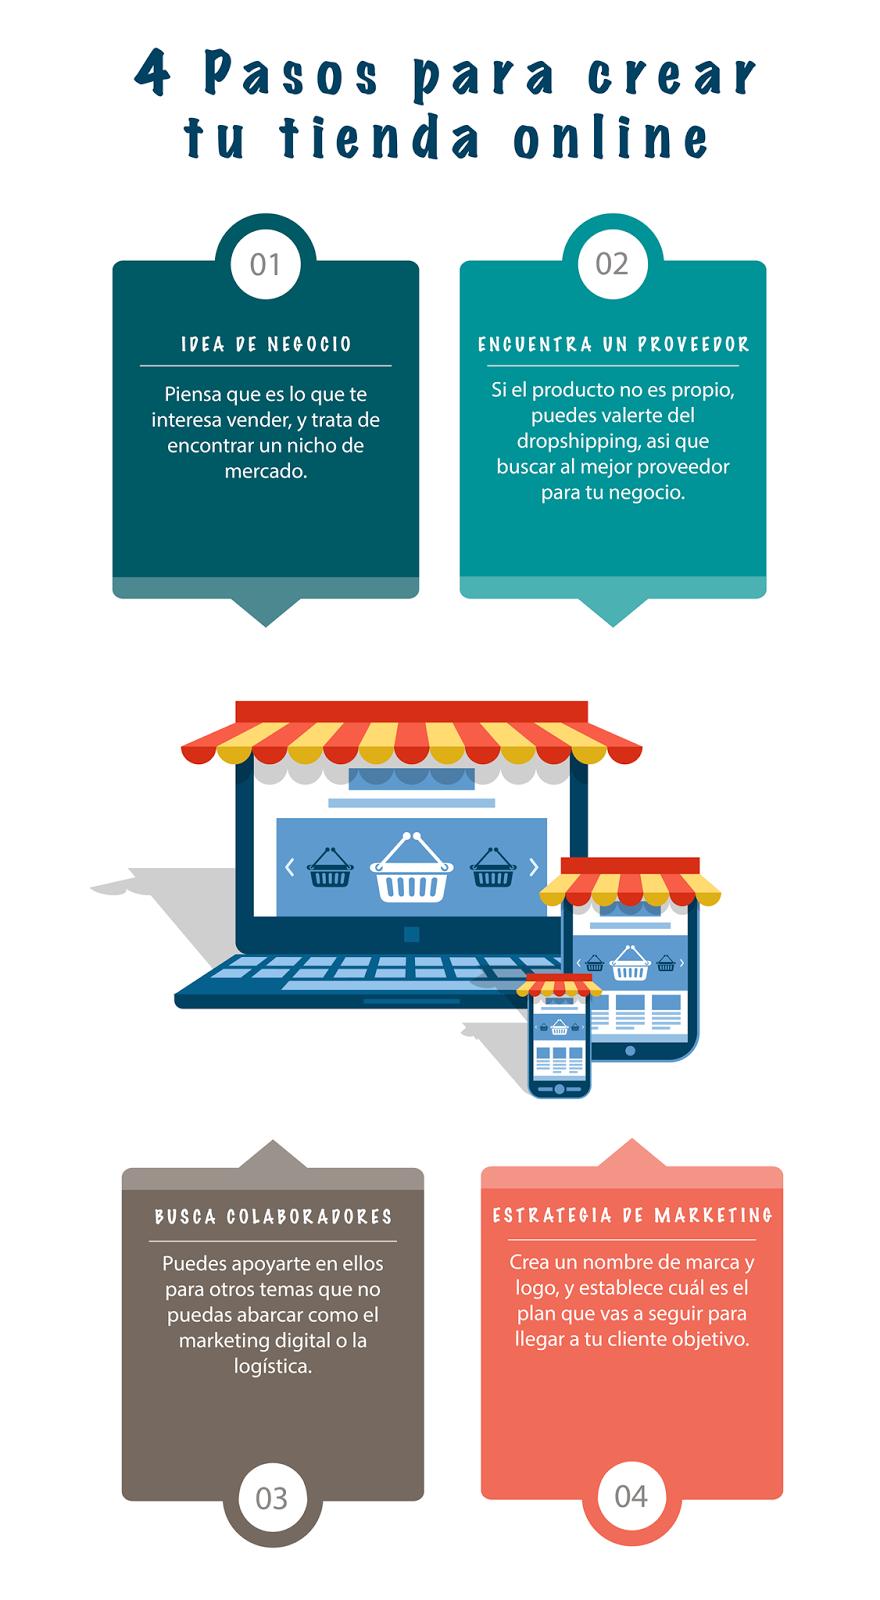 Pasos crear tu tienda online